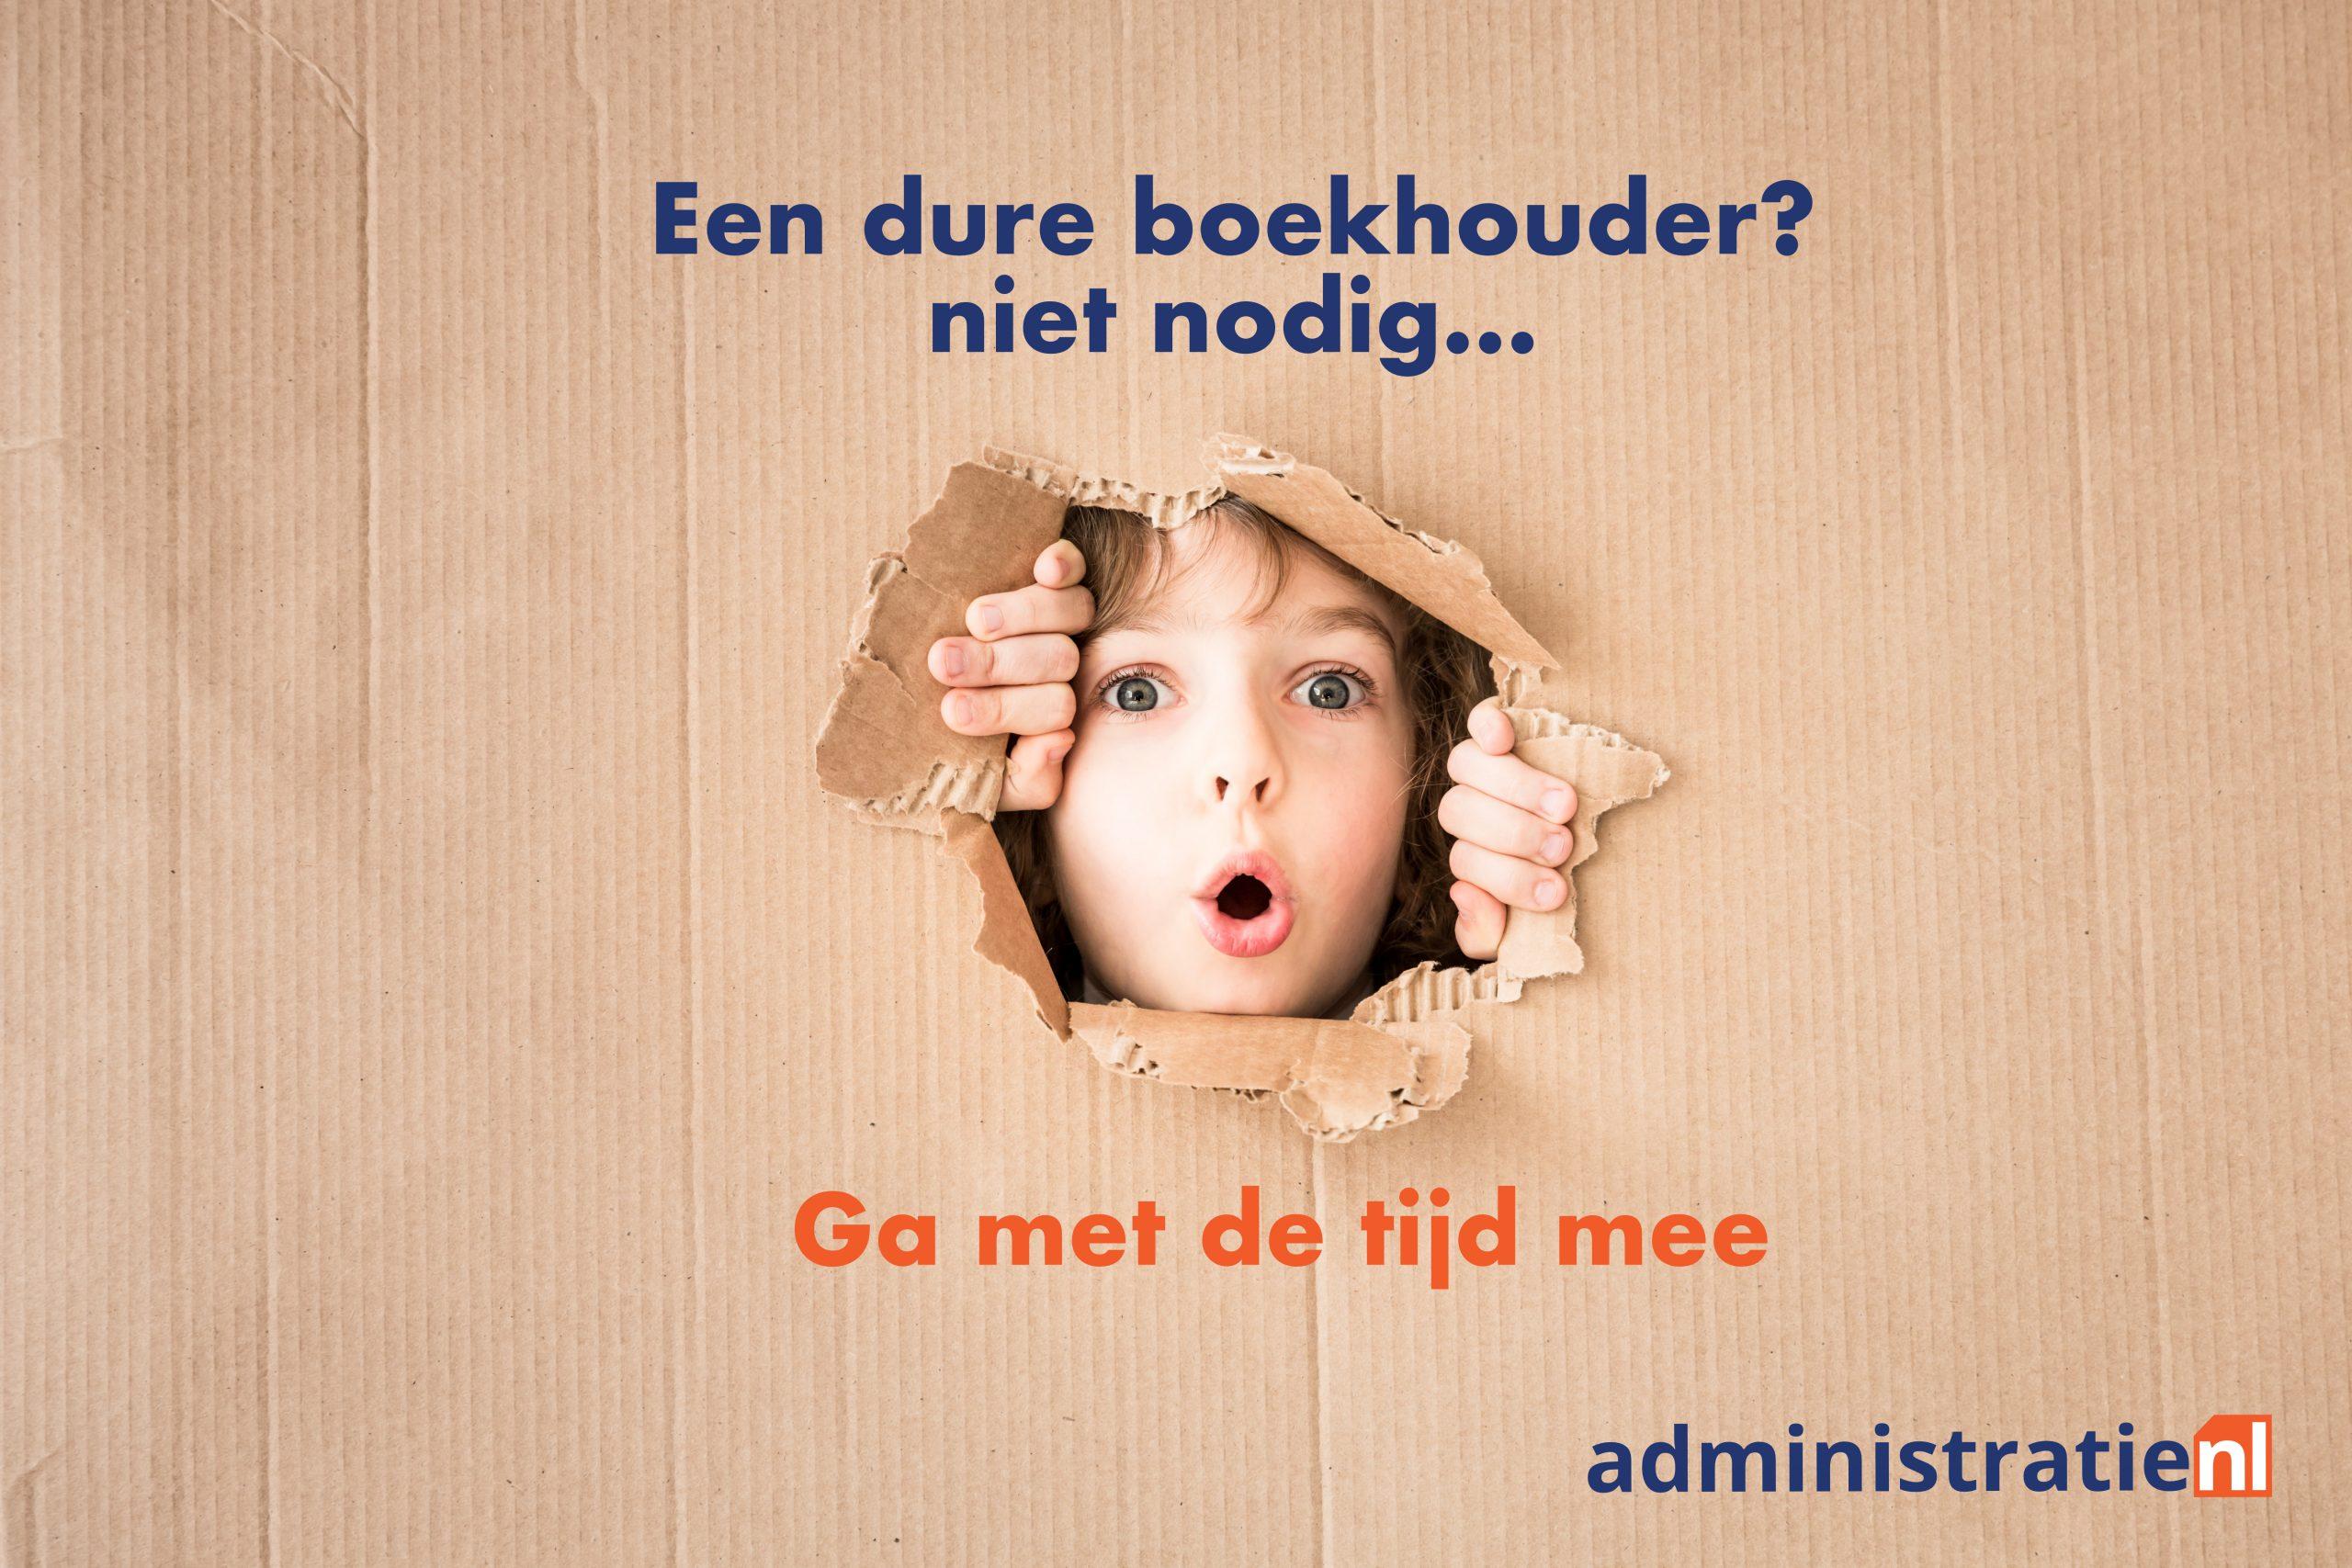 administratienl de boekhouder van Nederland